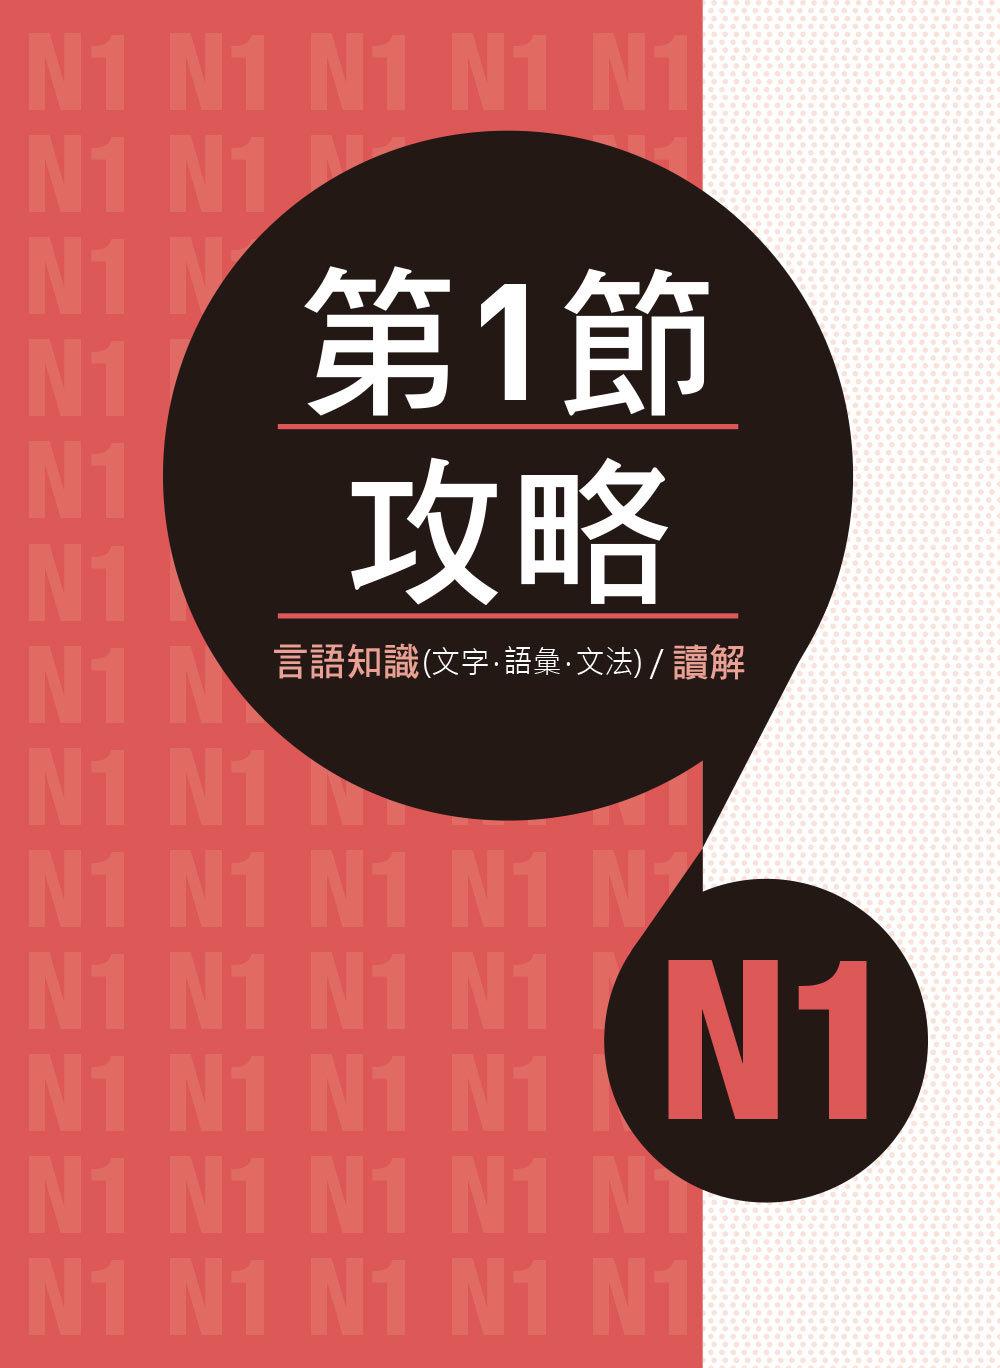 日檢 N1 全攻略 -- 言語知識/讀解+聽解 只讀一本就合格 (修訂版)(附MP3)(MASTER JLPT N1 AFTER ONE BOOK)-preview-3